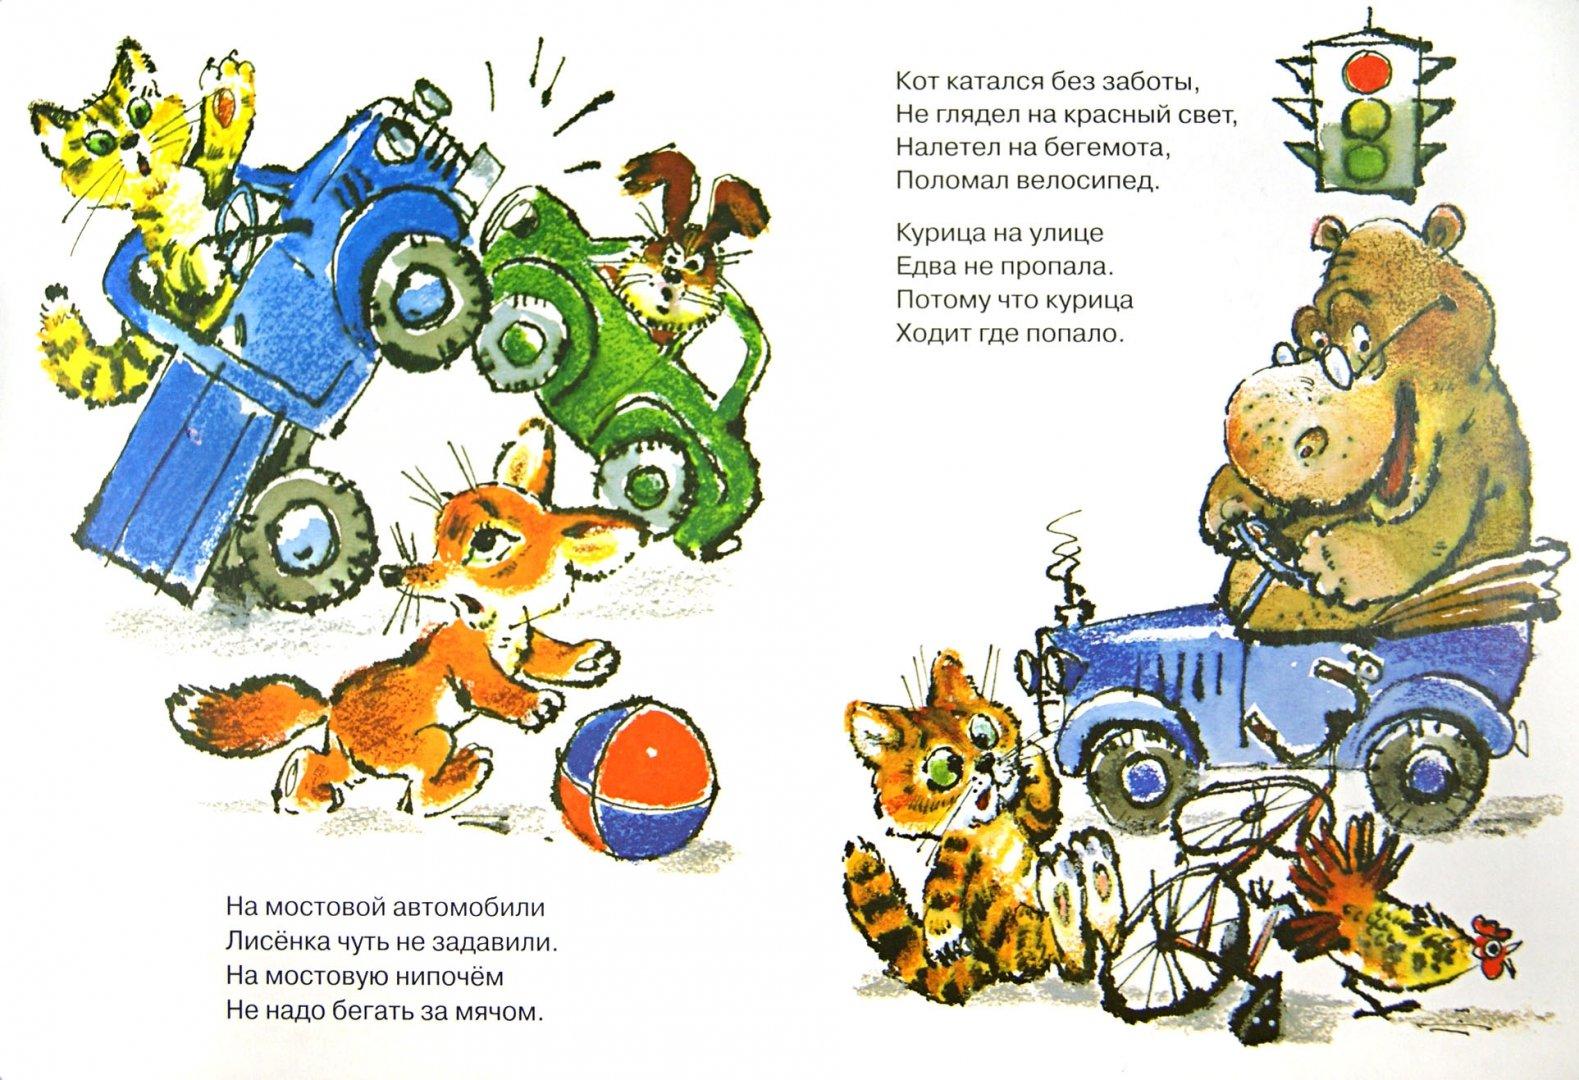 Иллюстрация 1 из 13 для Про умных зверюшек - Василий Лебедев-Кумач | Лабиринт - книги. Источник: Лабиринт